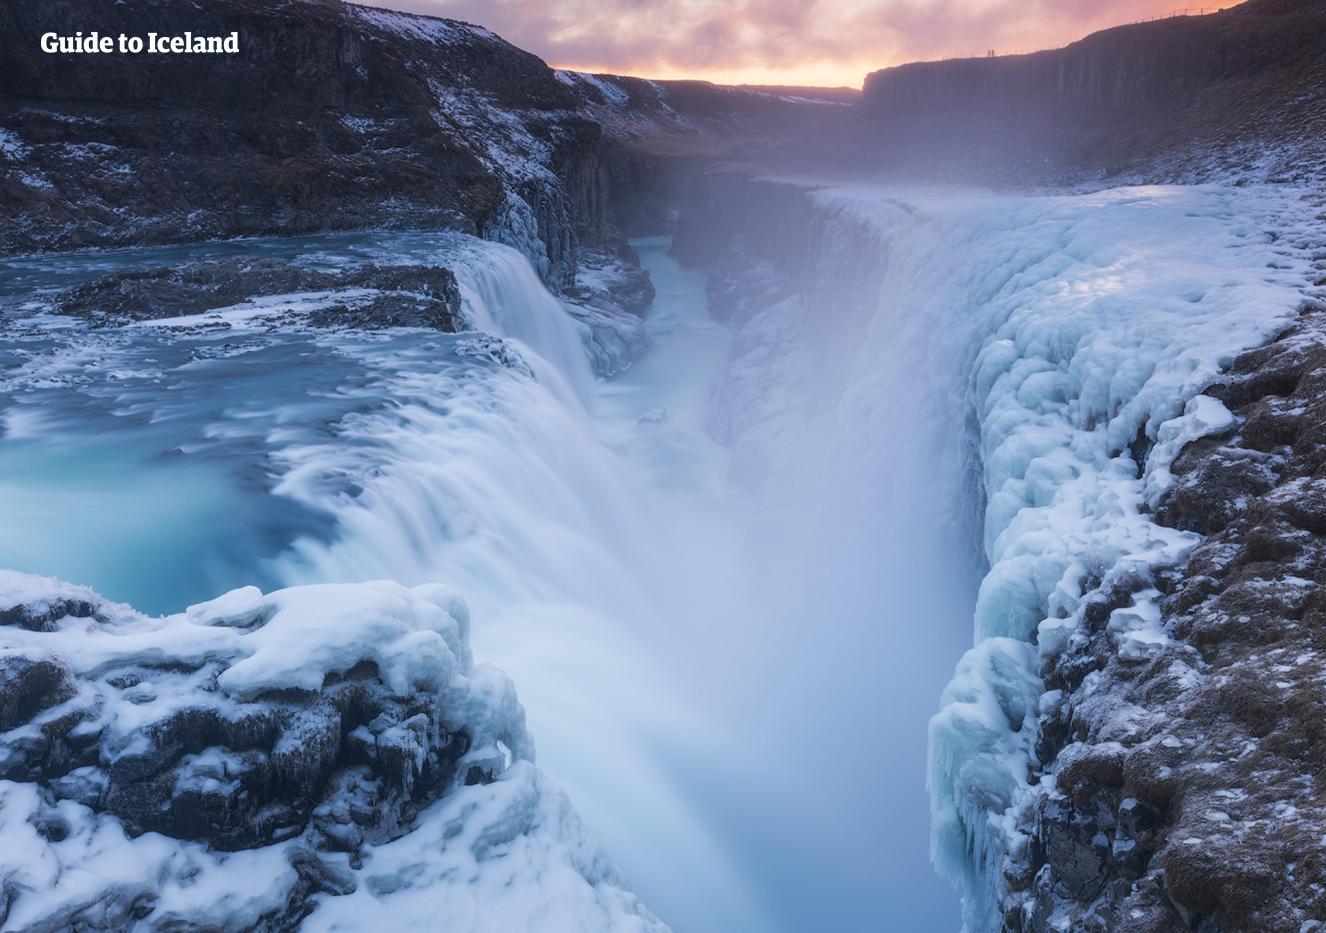 꽁꽁 얼어버린 폭포주변이 무색할 만큼 강렬하게 쏟아지는 아이슬란드의 굴포스 폭포.